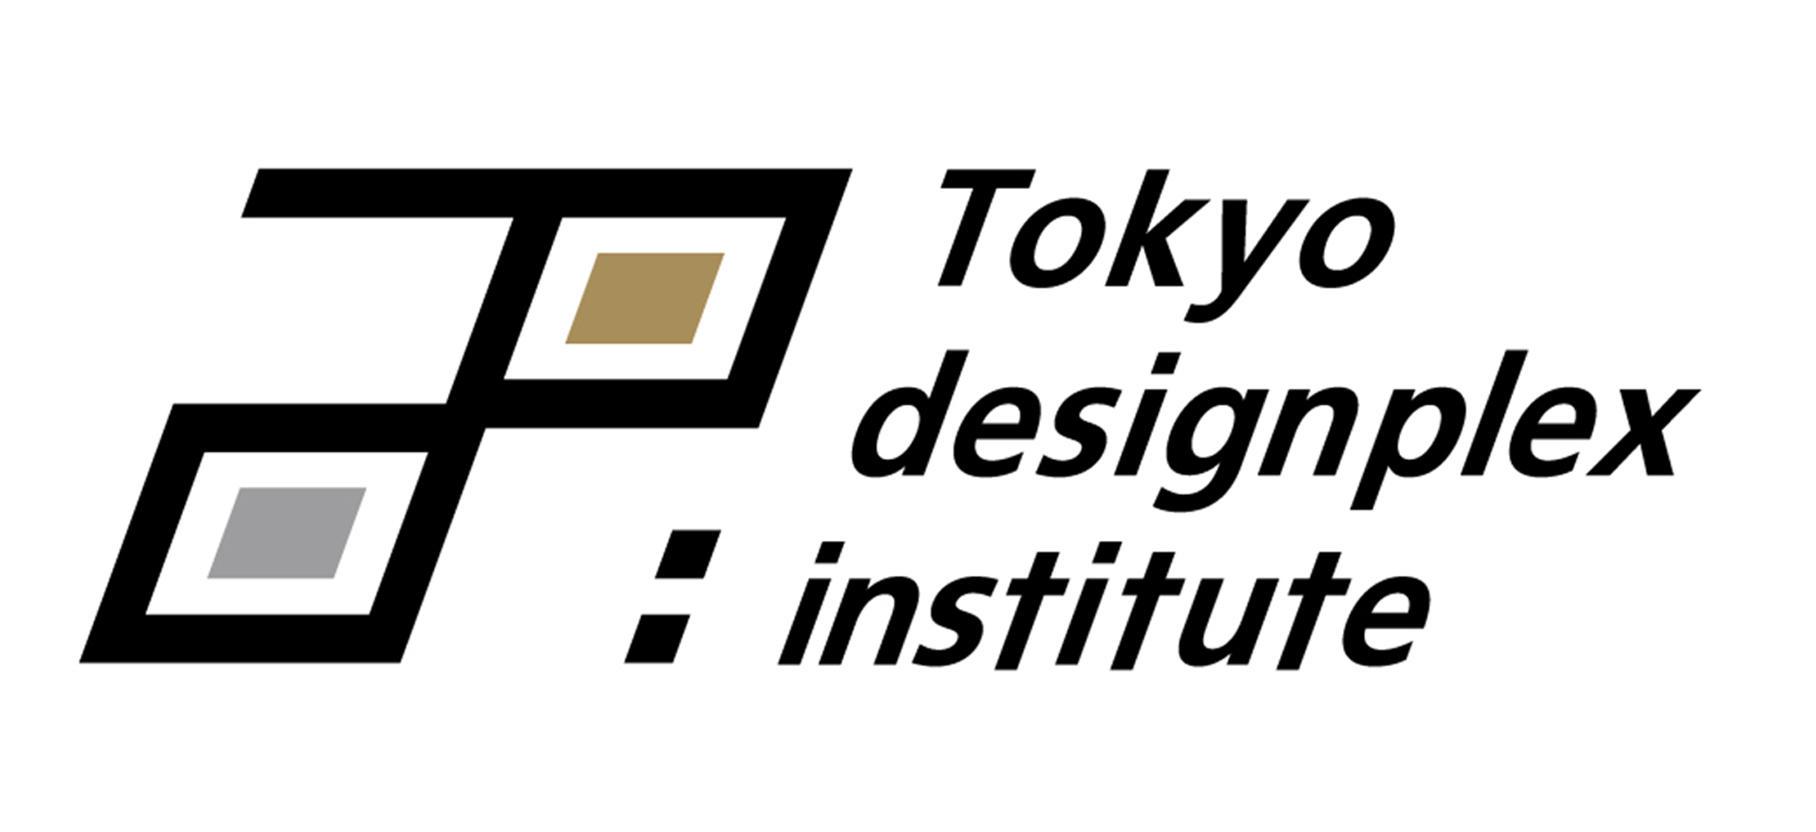 TDI_logo_1126s.jpg